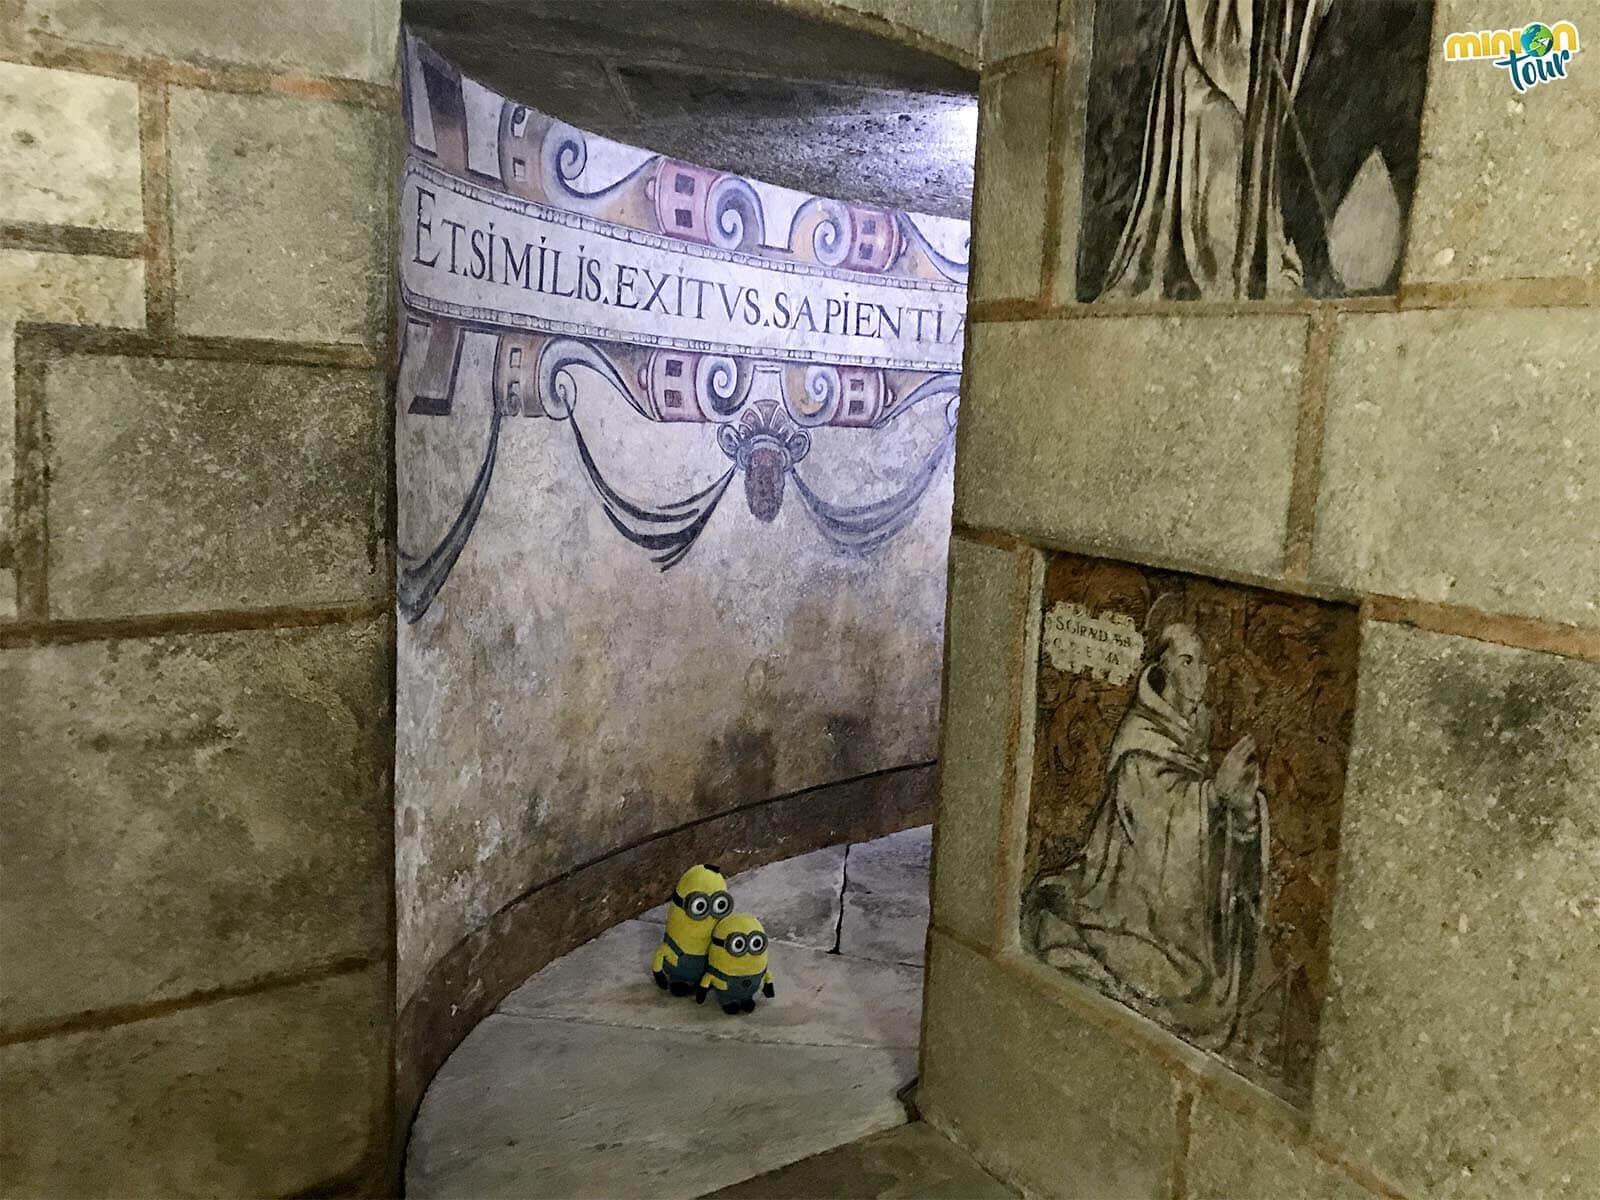 Estas pinturas murales son una de las cosas que ver en Meira